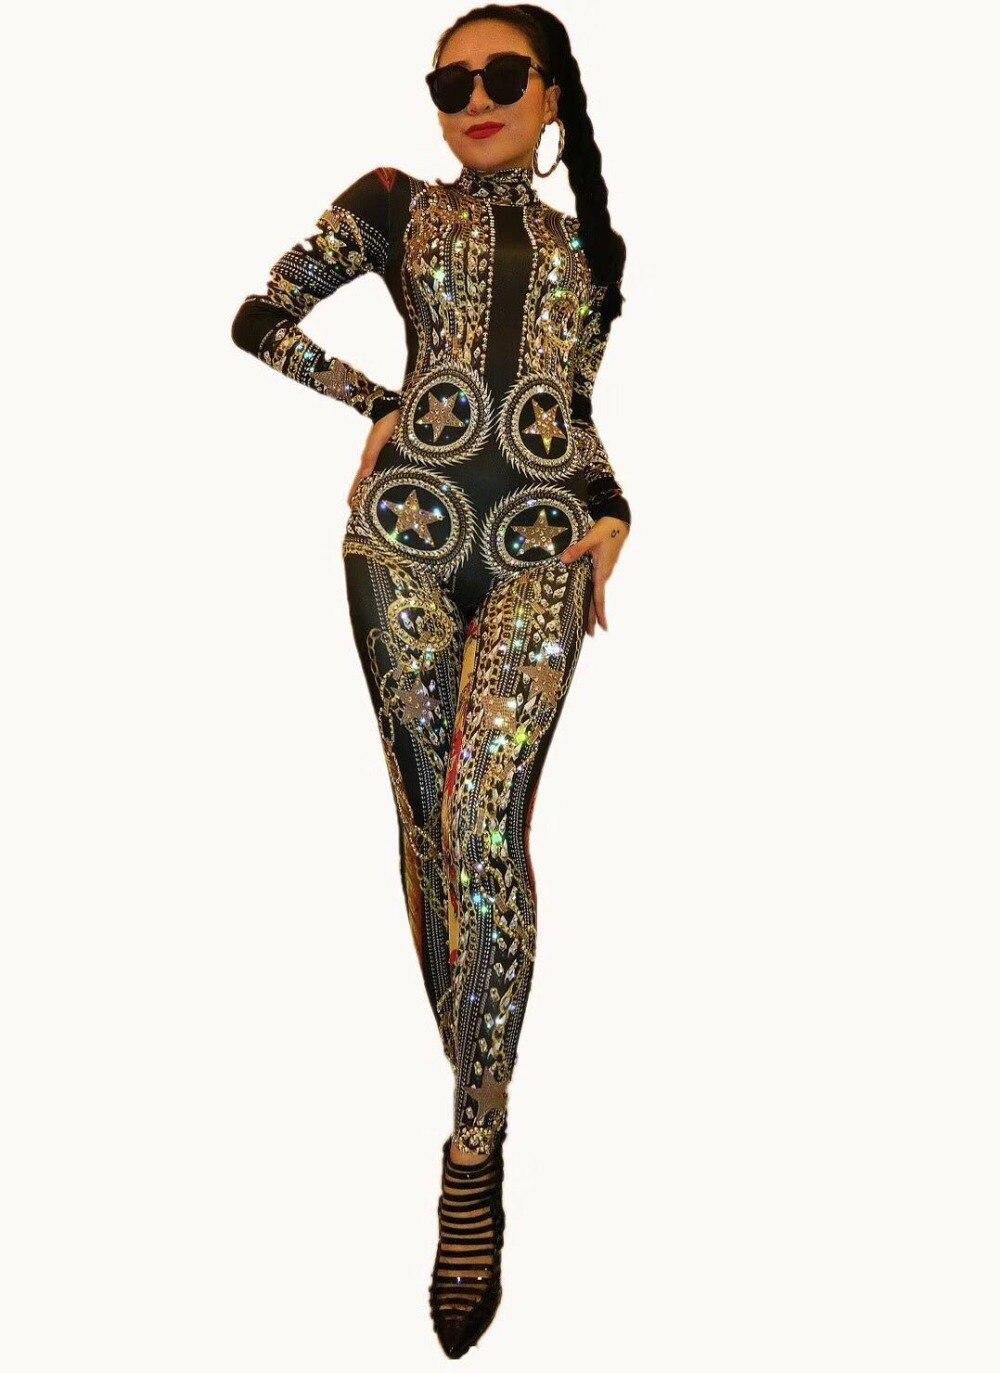 Performance Costume Outfit Scène Femmes Danseur Barboteuses Noir De Or Chanteur Spandex Salopette Strass Imprimé Sexy Stretch Body UPcz6qgvF